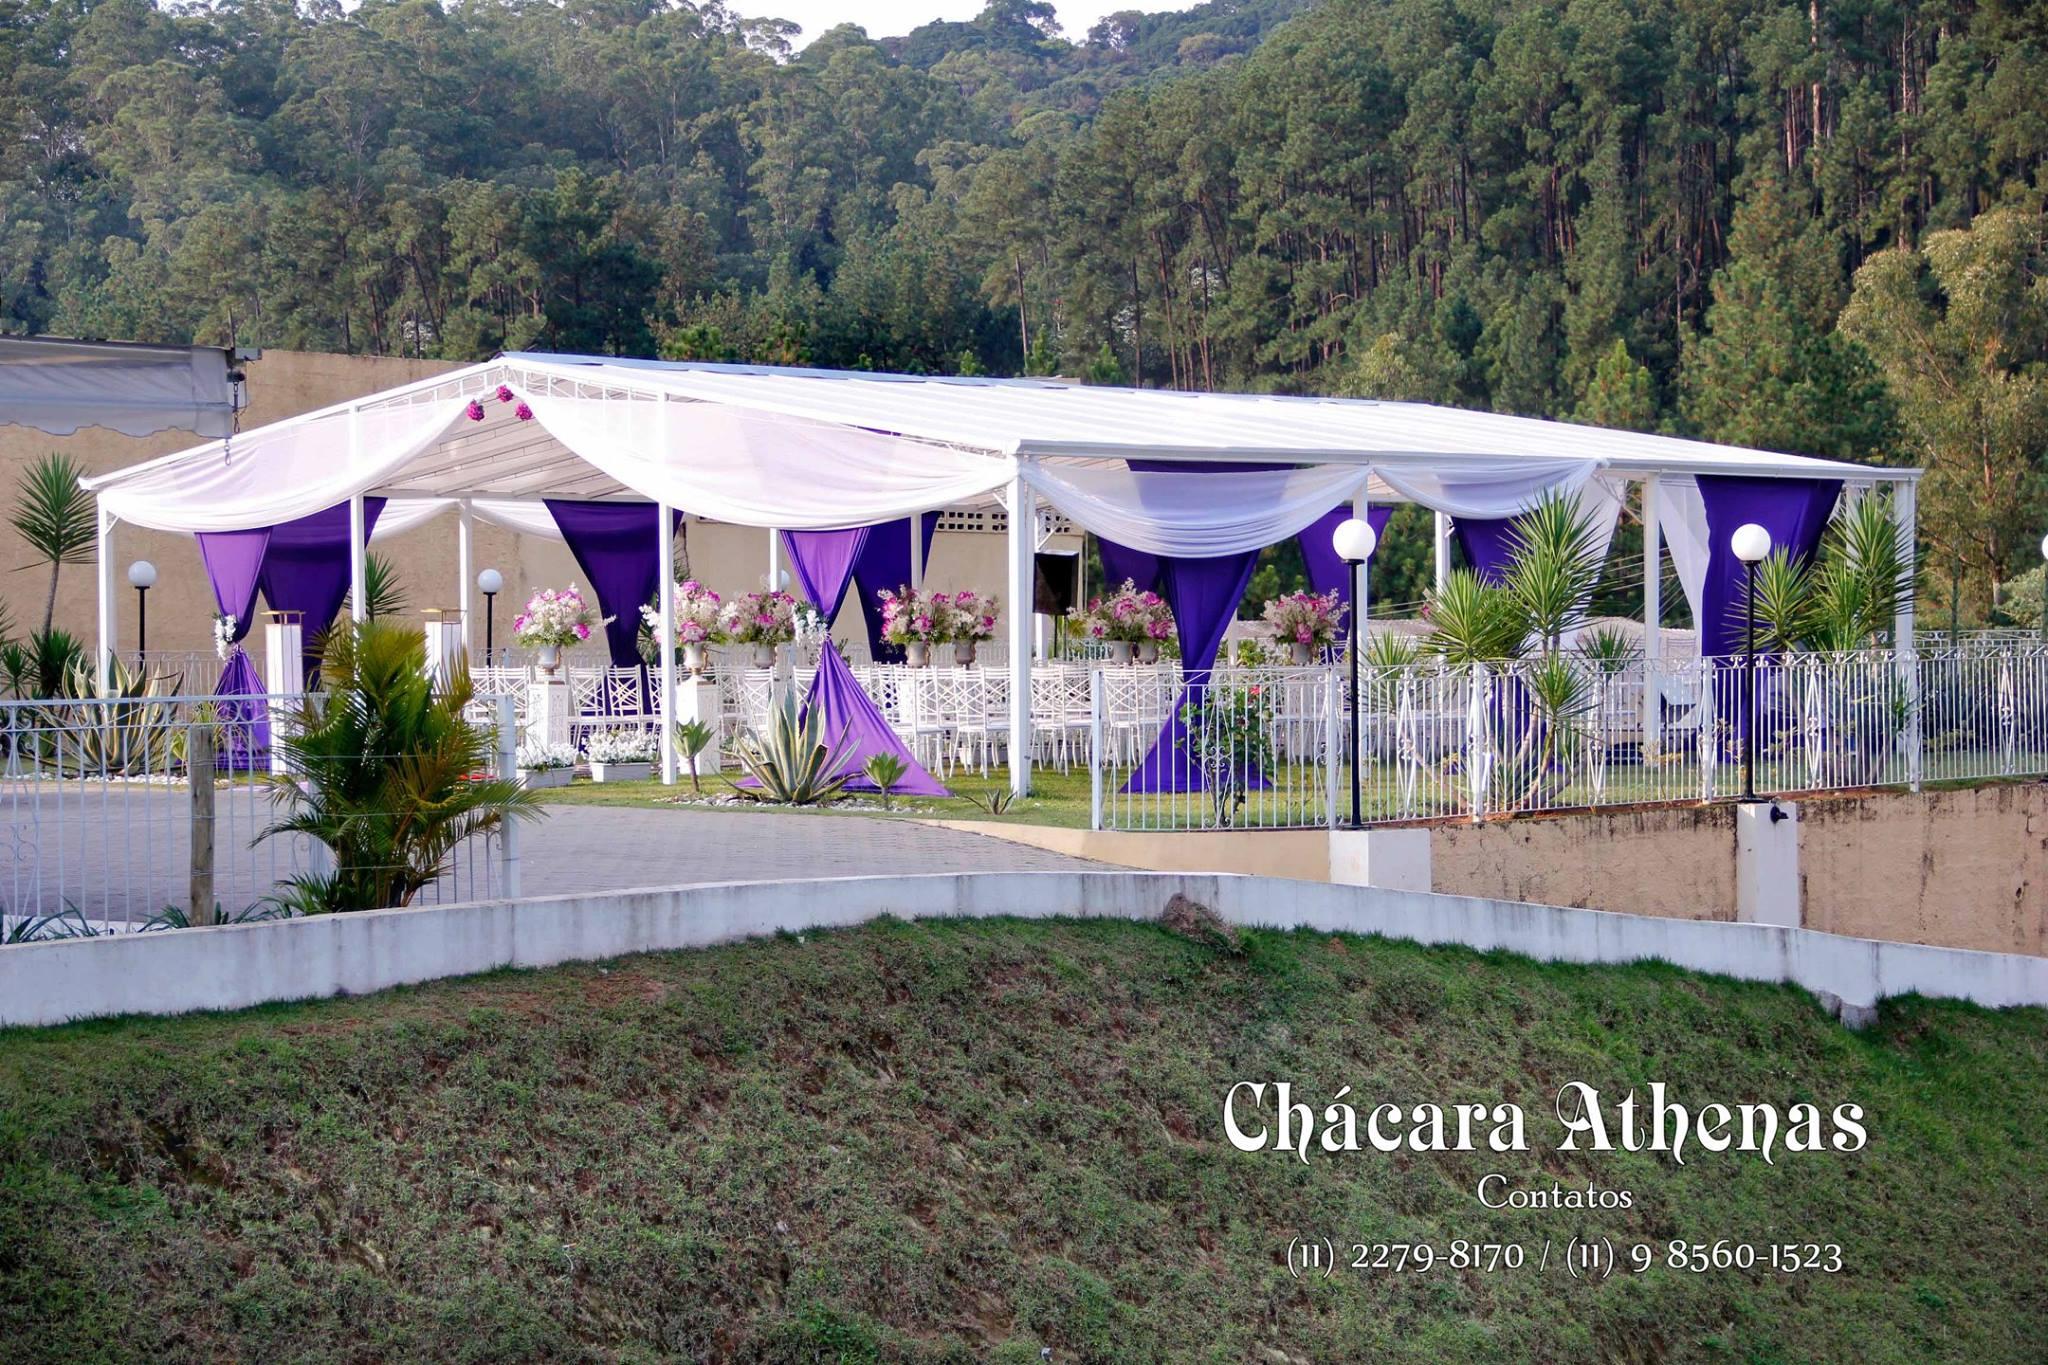 Chácara Athenas